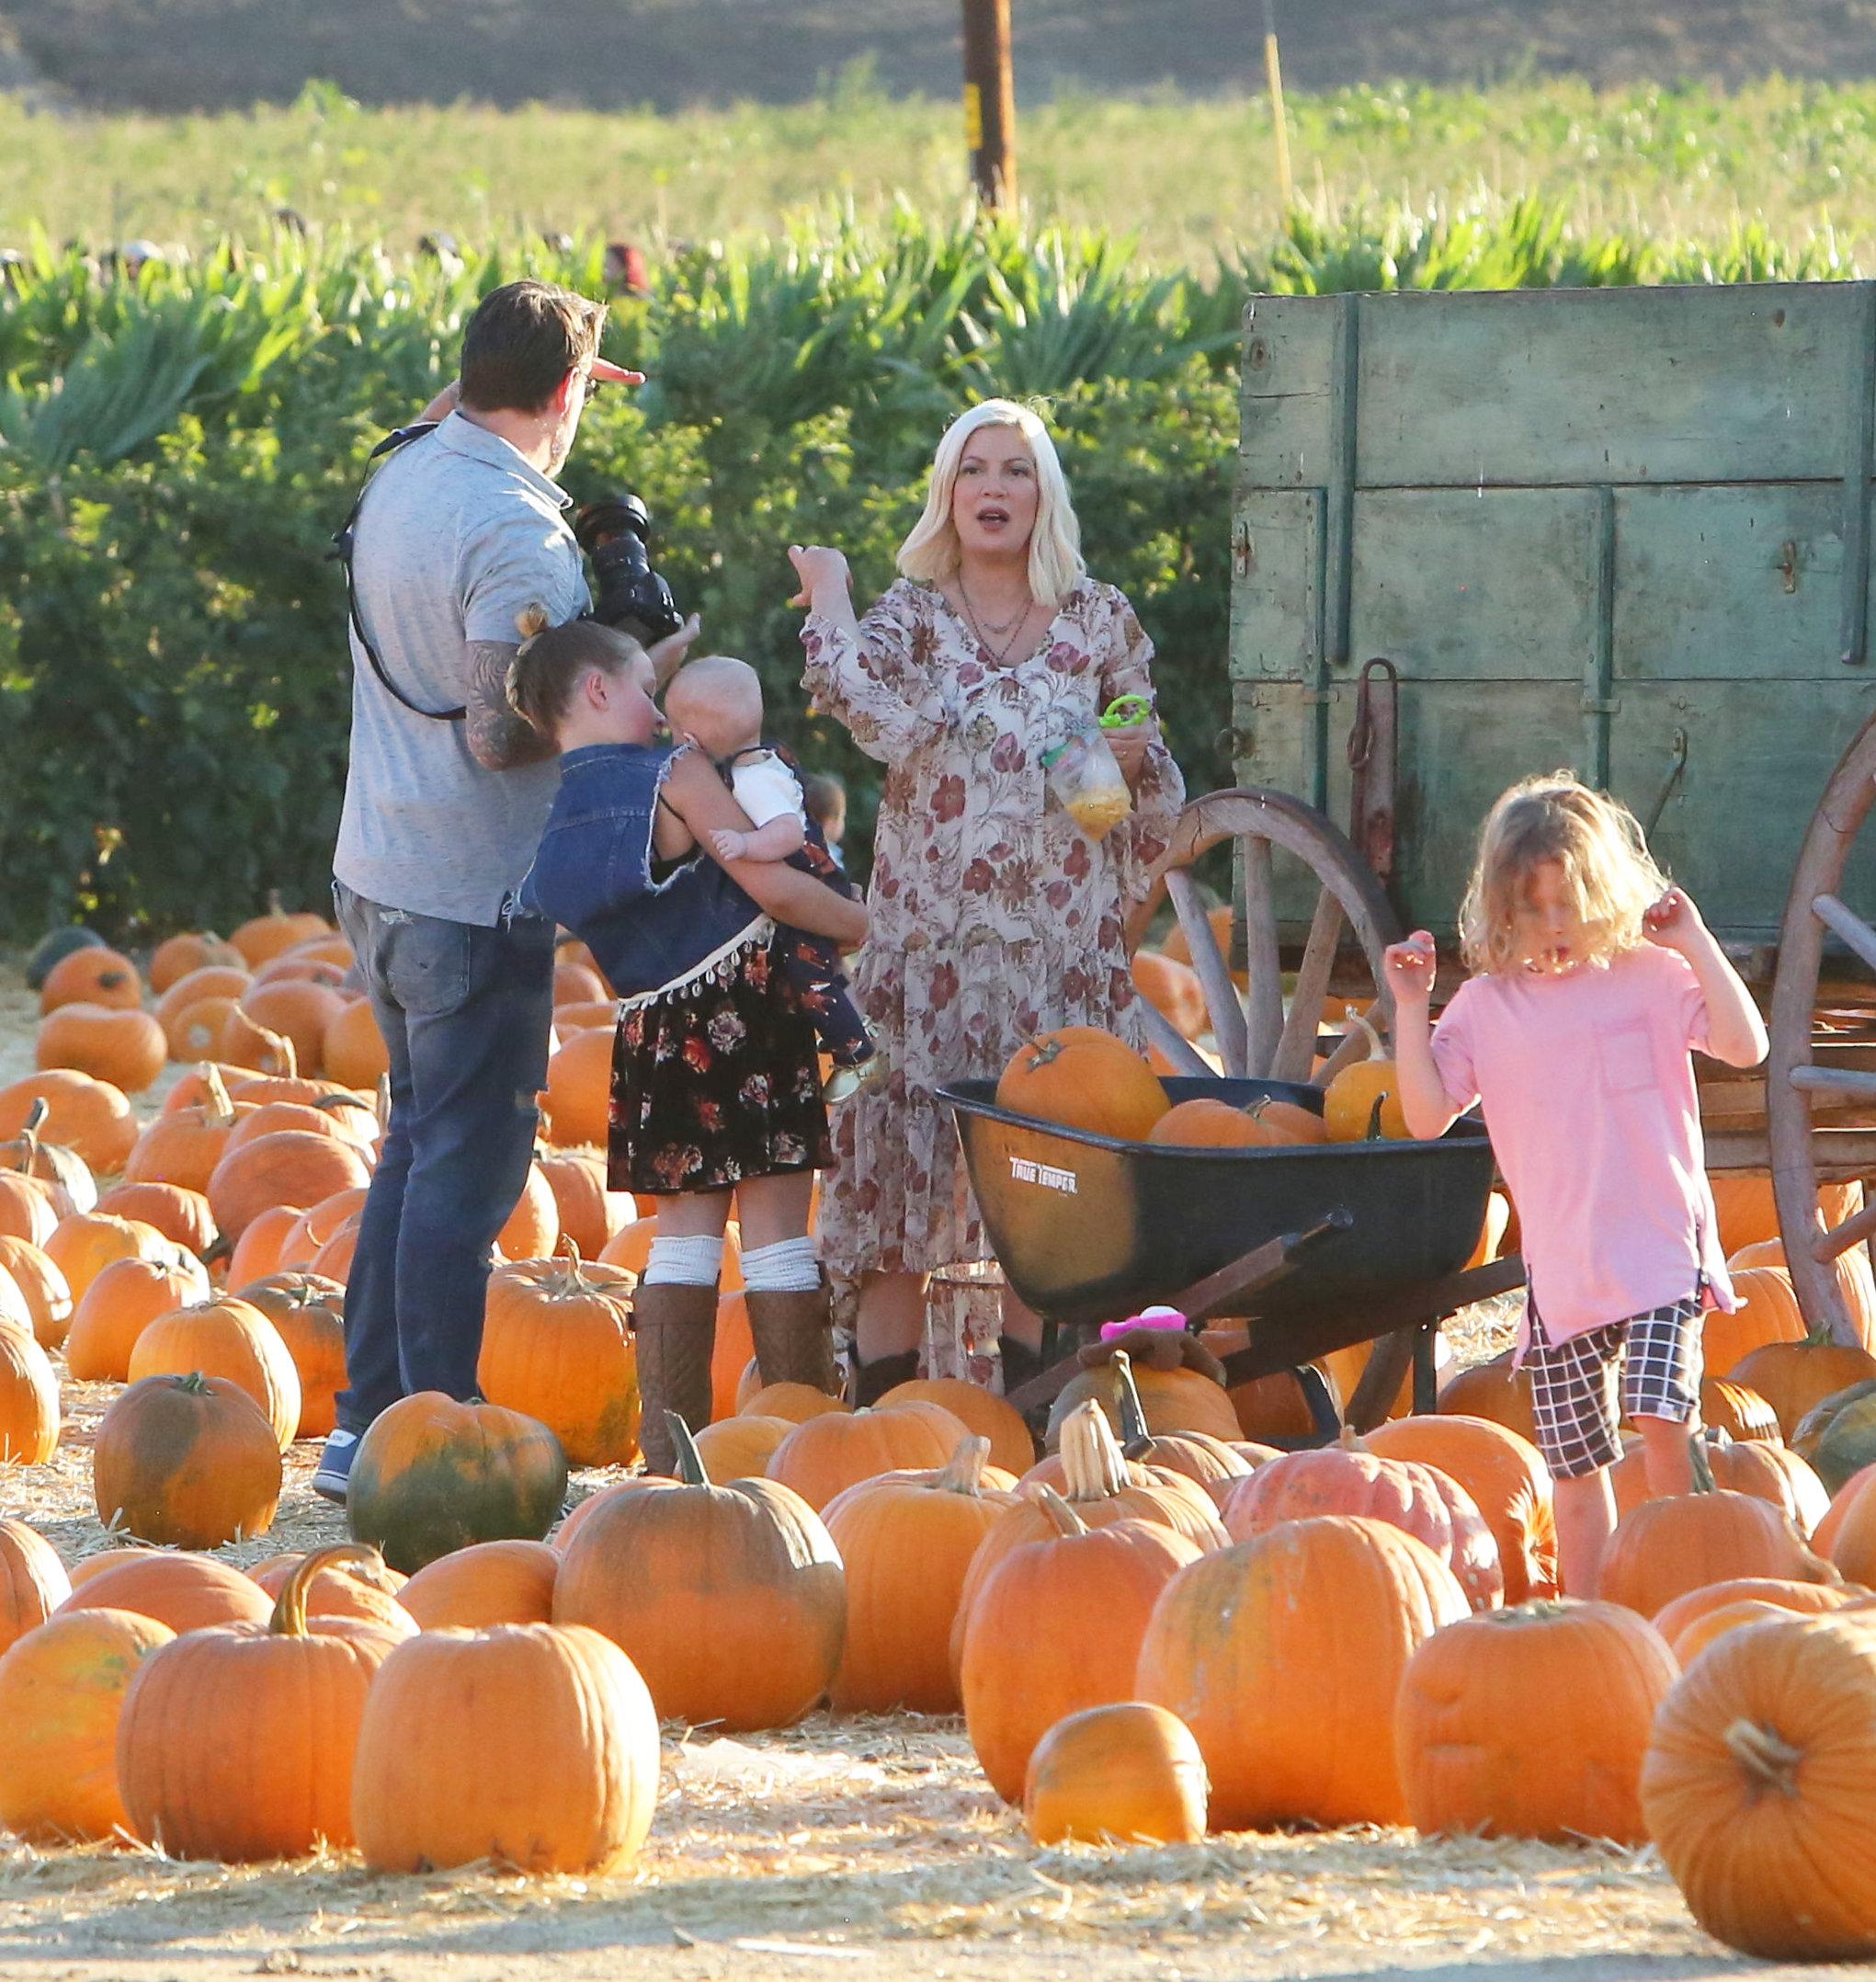 x17_tori_spelling_pumpkin_101517_16